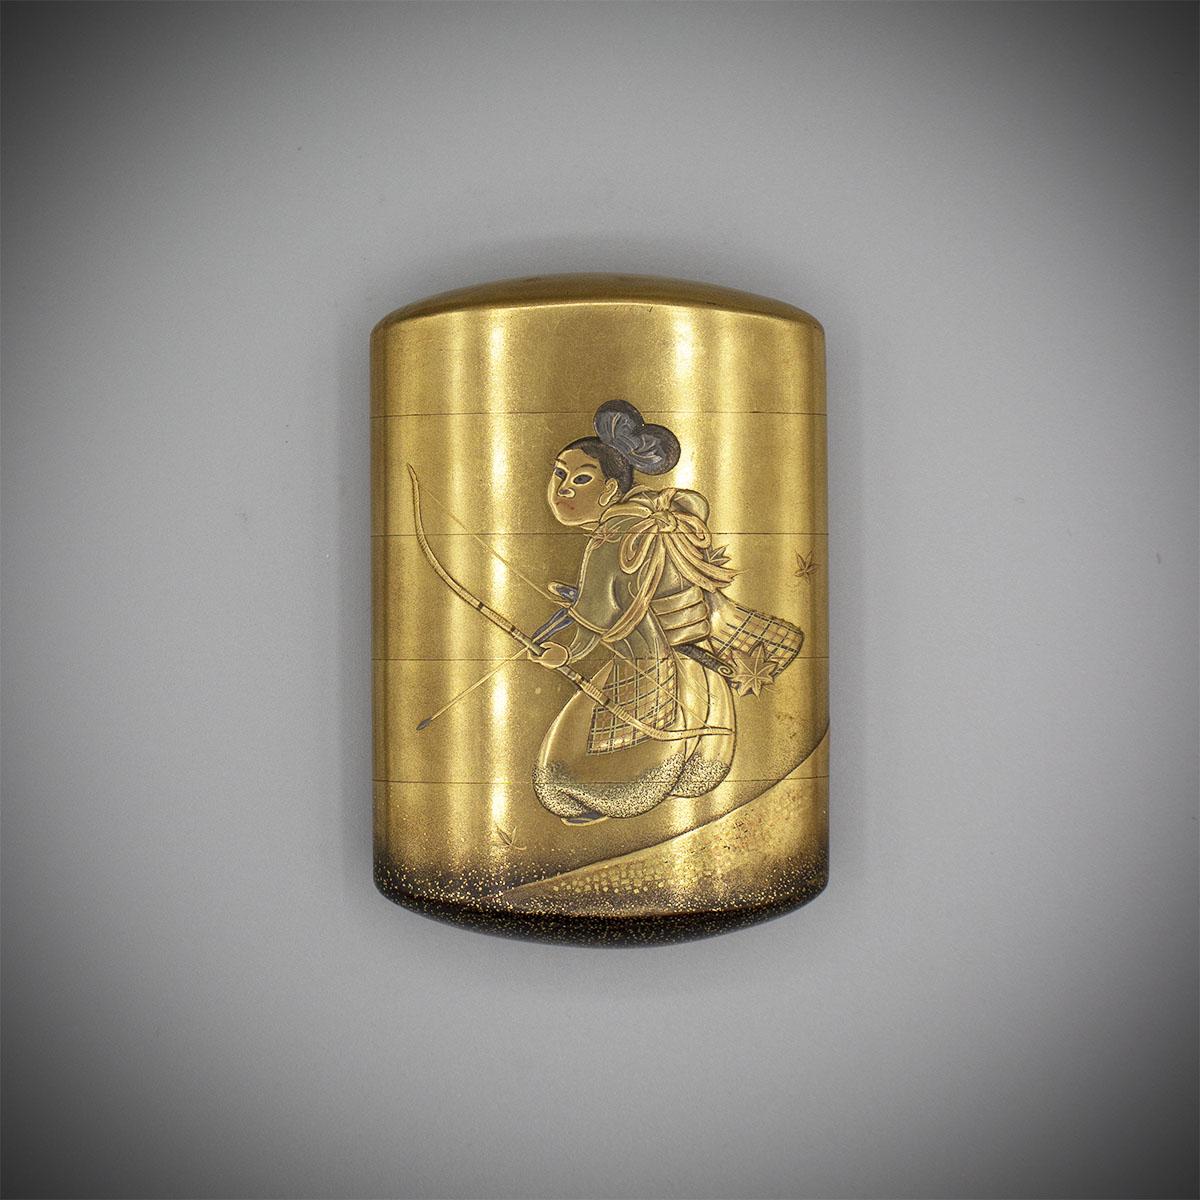 Vier Fall Gold Lack Inro mit Bogenschütze von IsshinMR3469_v.1